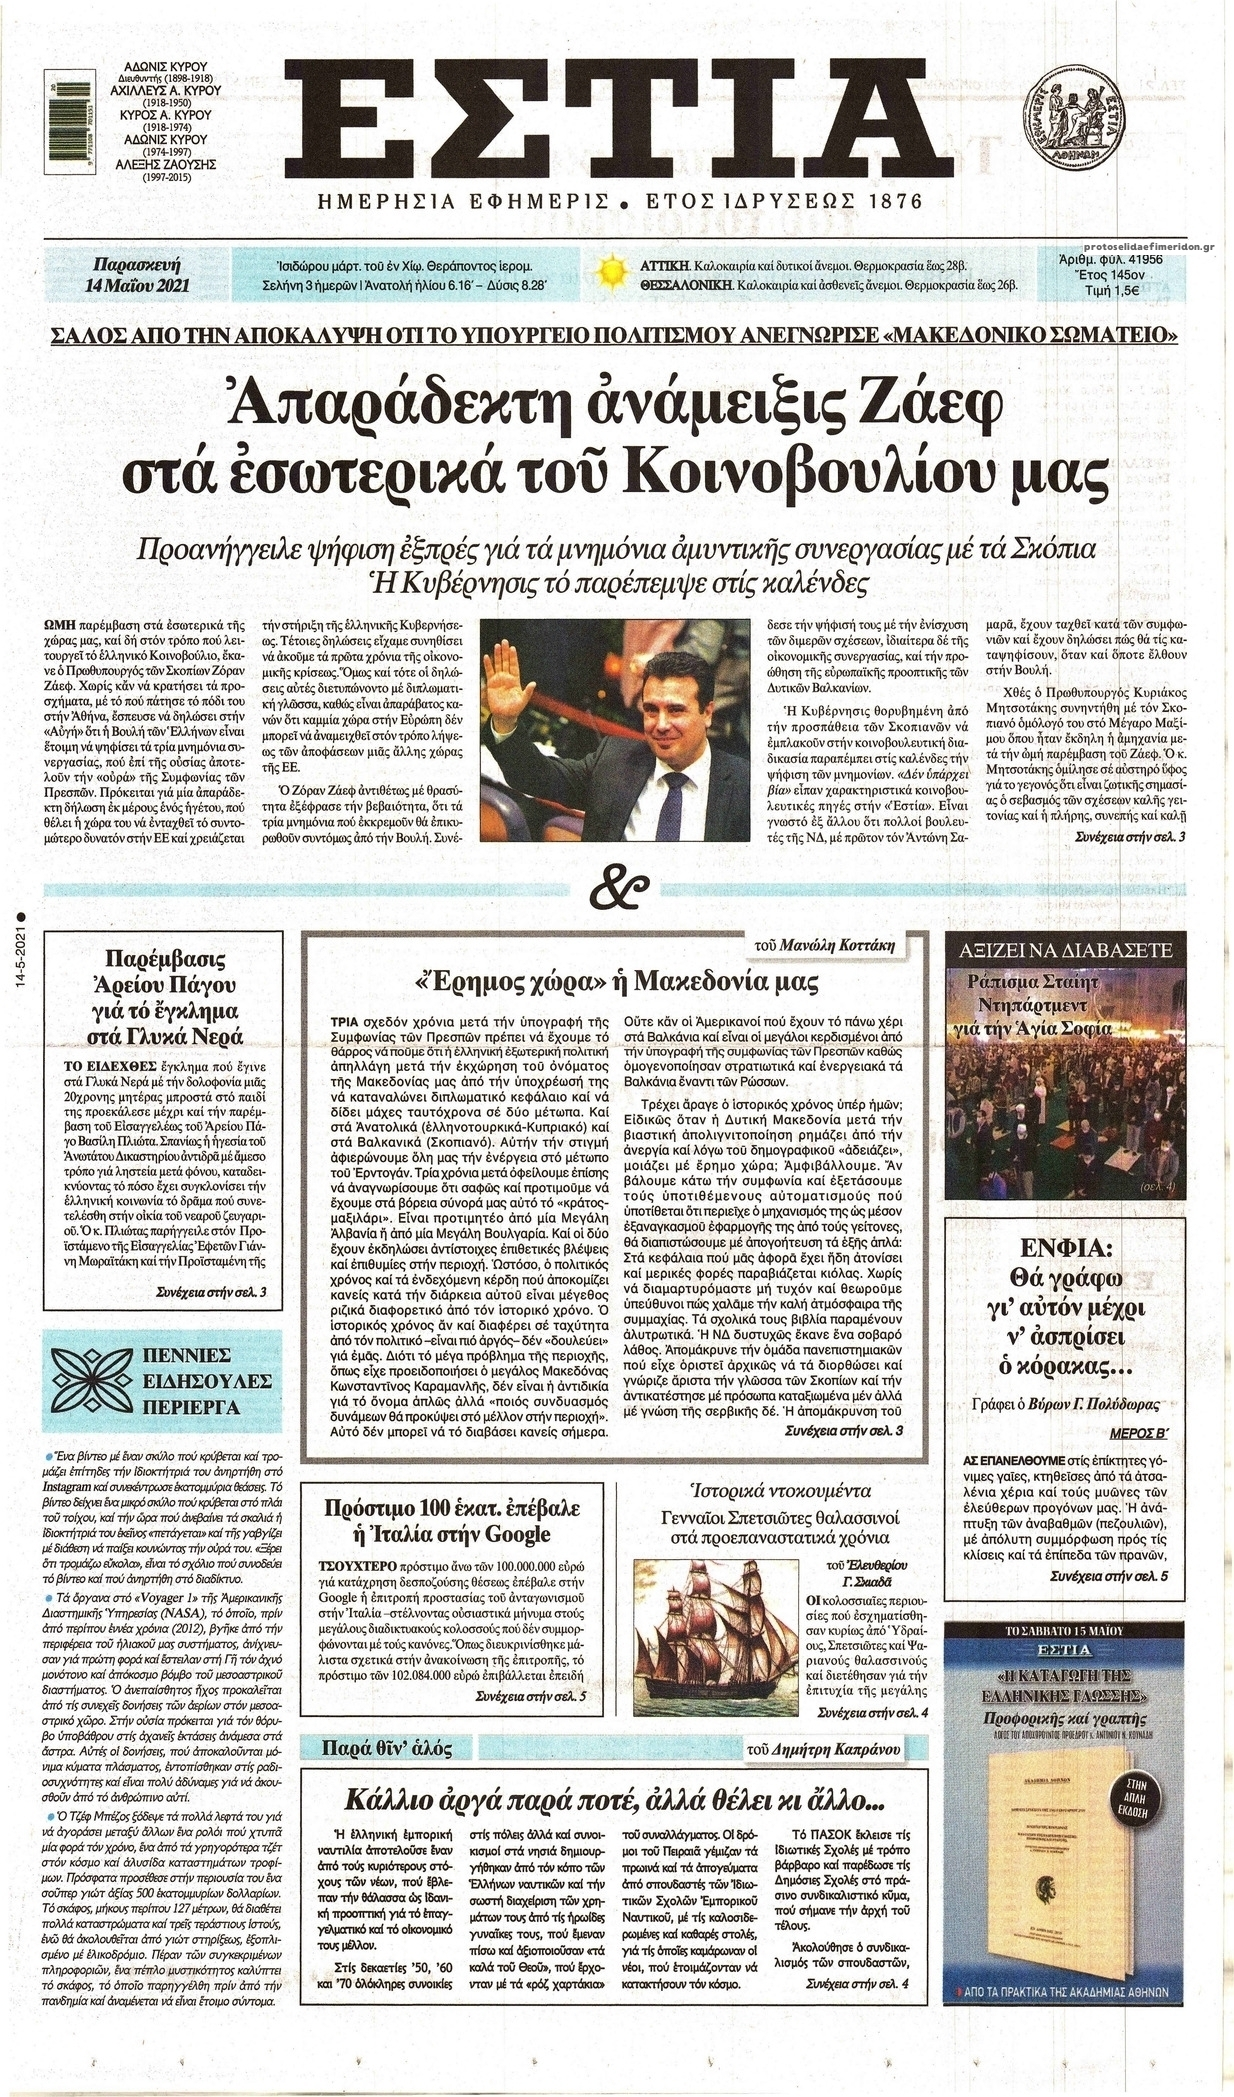 Πρωτοσέλιδο εφημερίδας Εστία